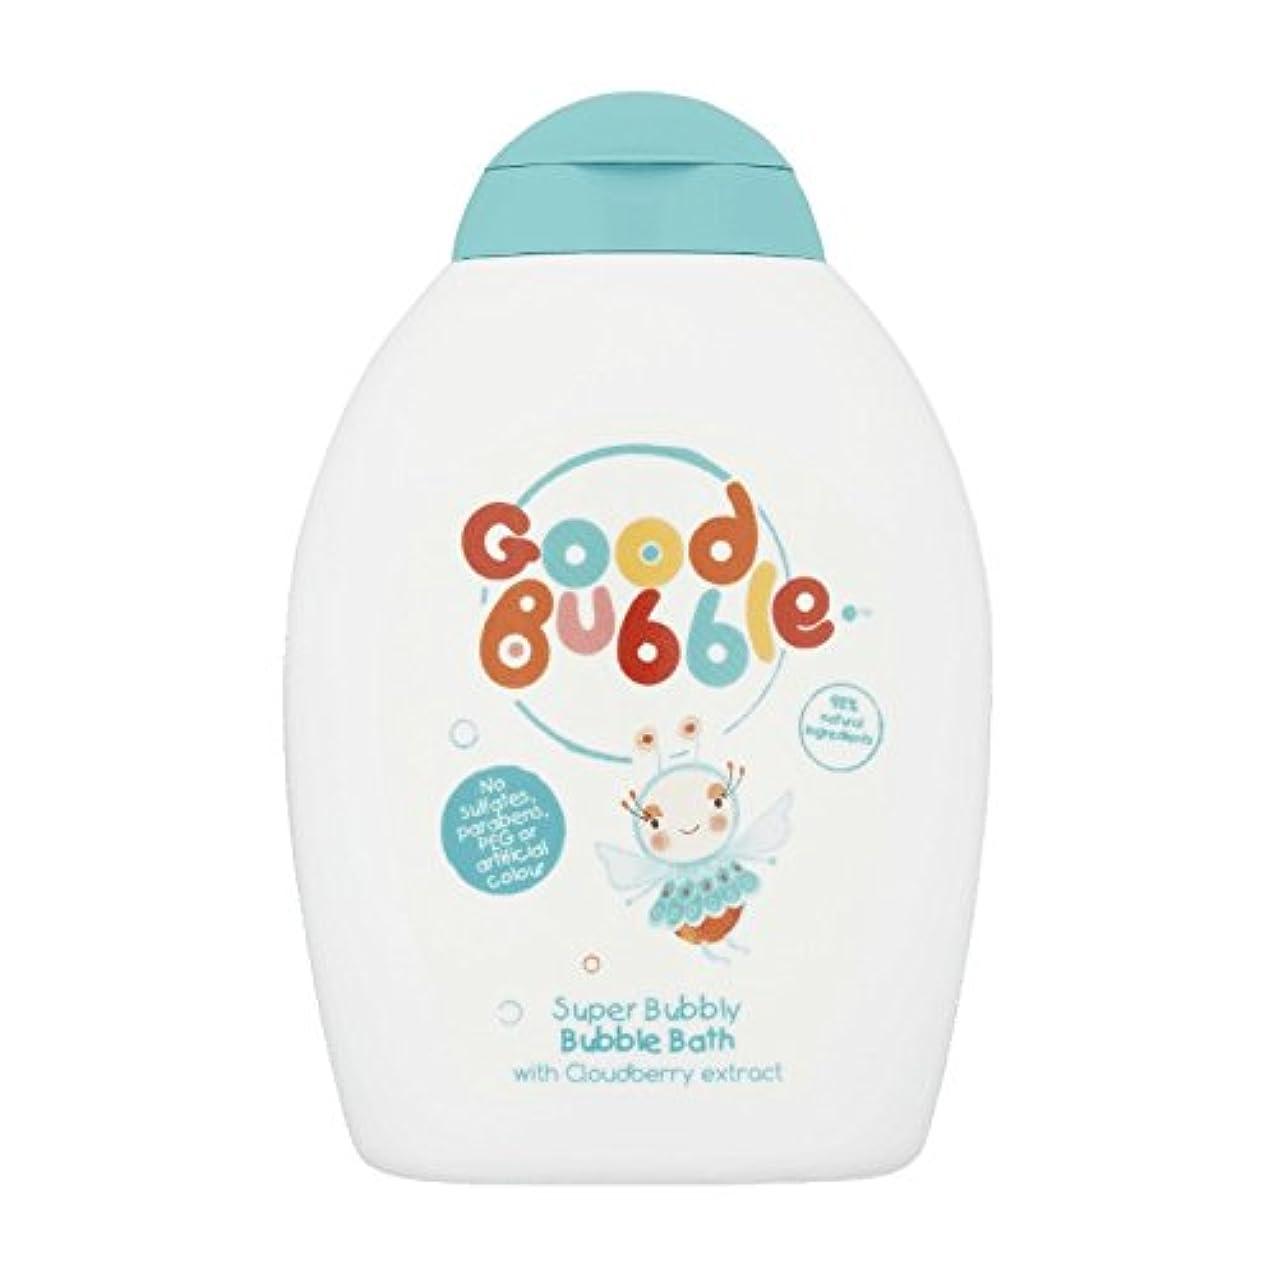 コア電信レシピ良いバブルクラウドベリーバブルバス400ミリリットル - Good Bubble Cloudberry Bubble Bath 400ml (Good Bubble) [並行輸入品]